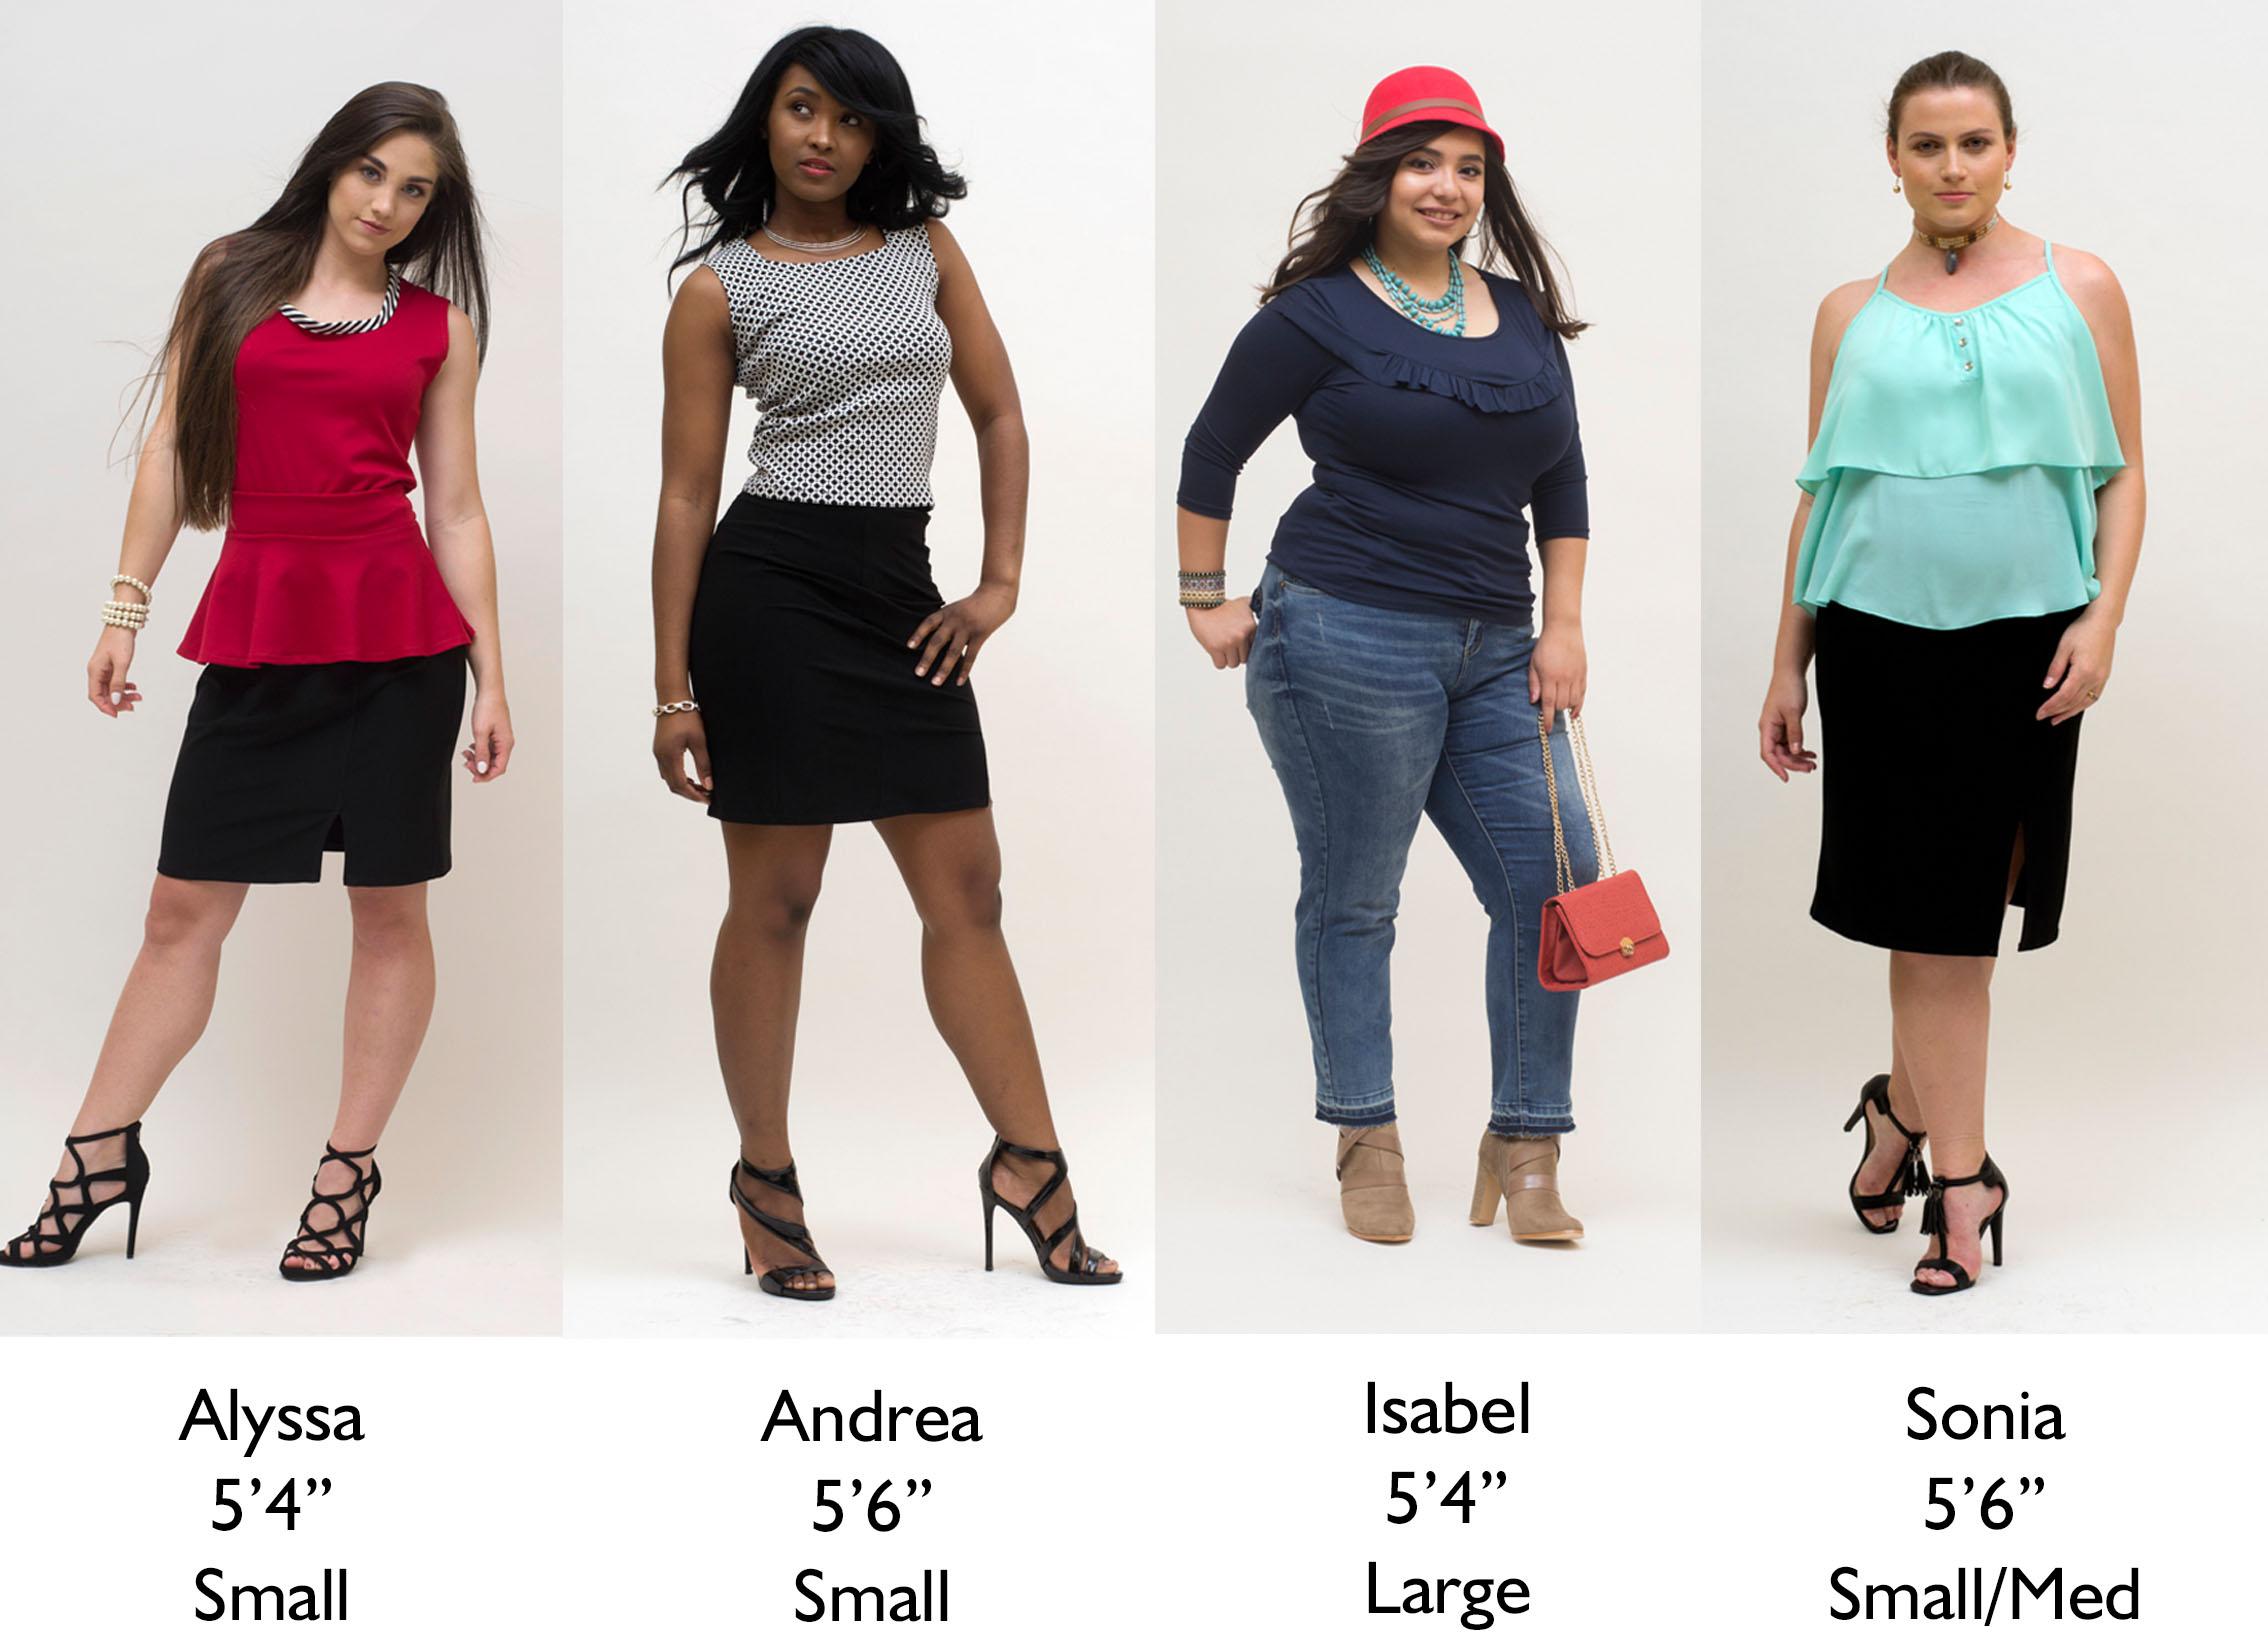 bp-models.jpg